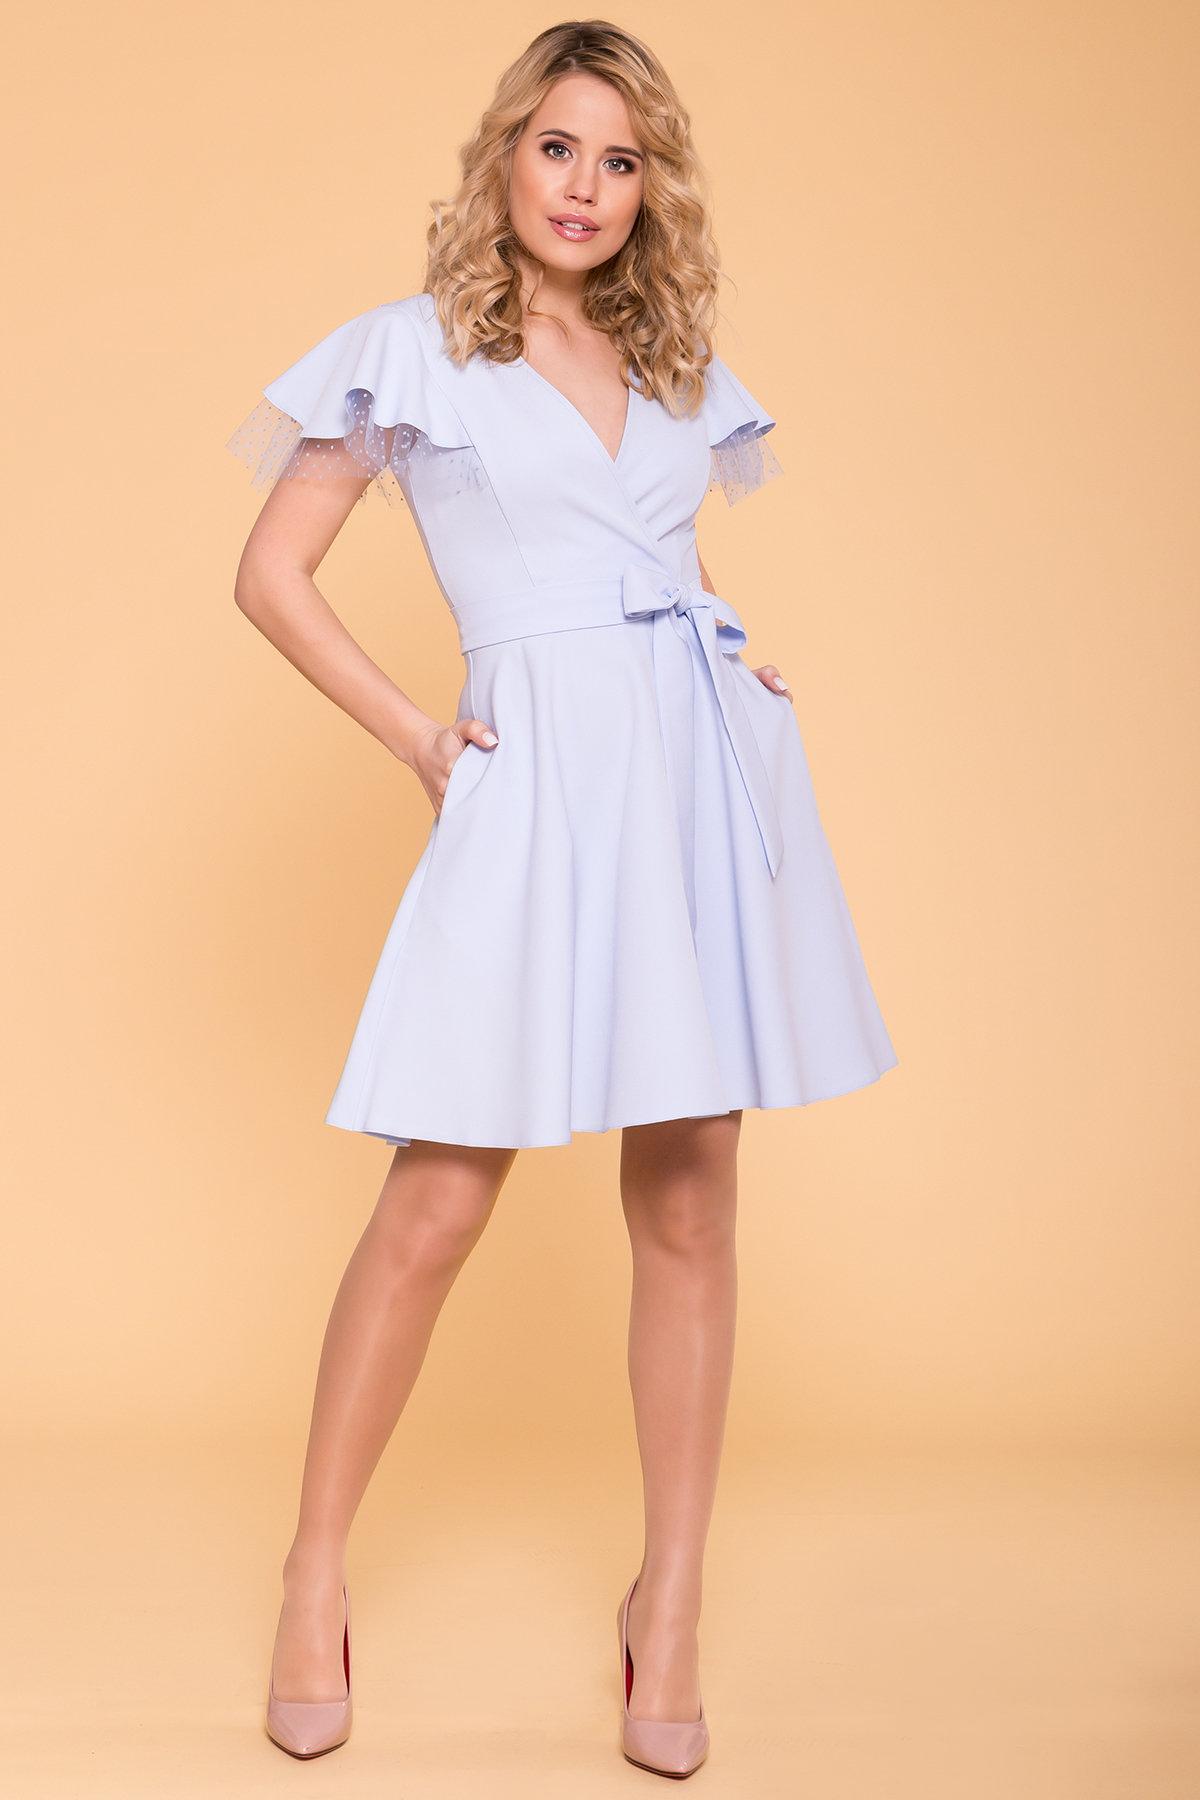 Платье с воланами на плечах Милея 6788 АРТ. 42017 Цвет: Голубой - фото 1, интернет магазин tm-modus.ru